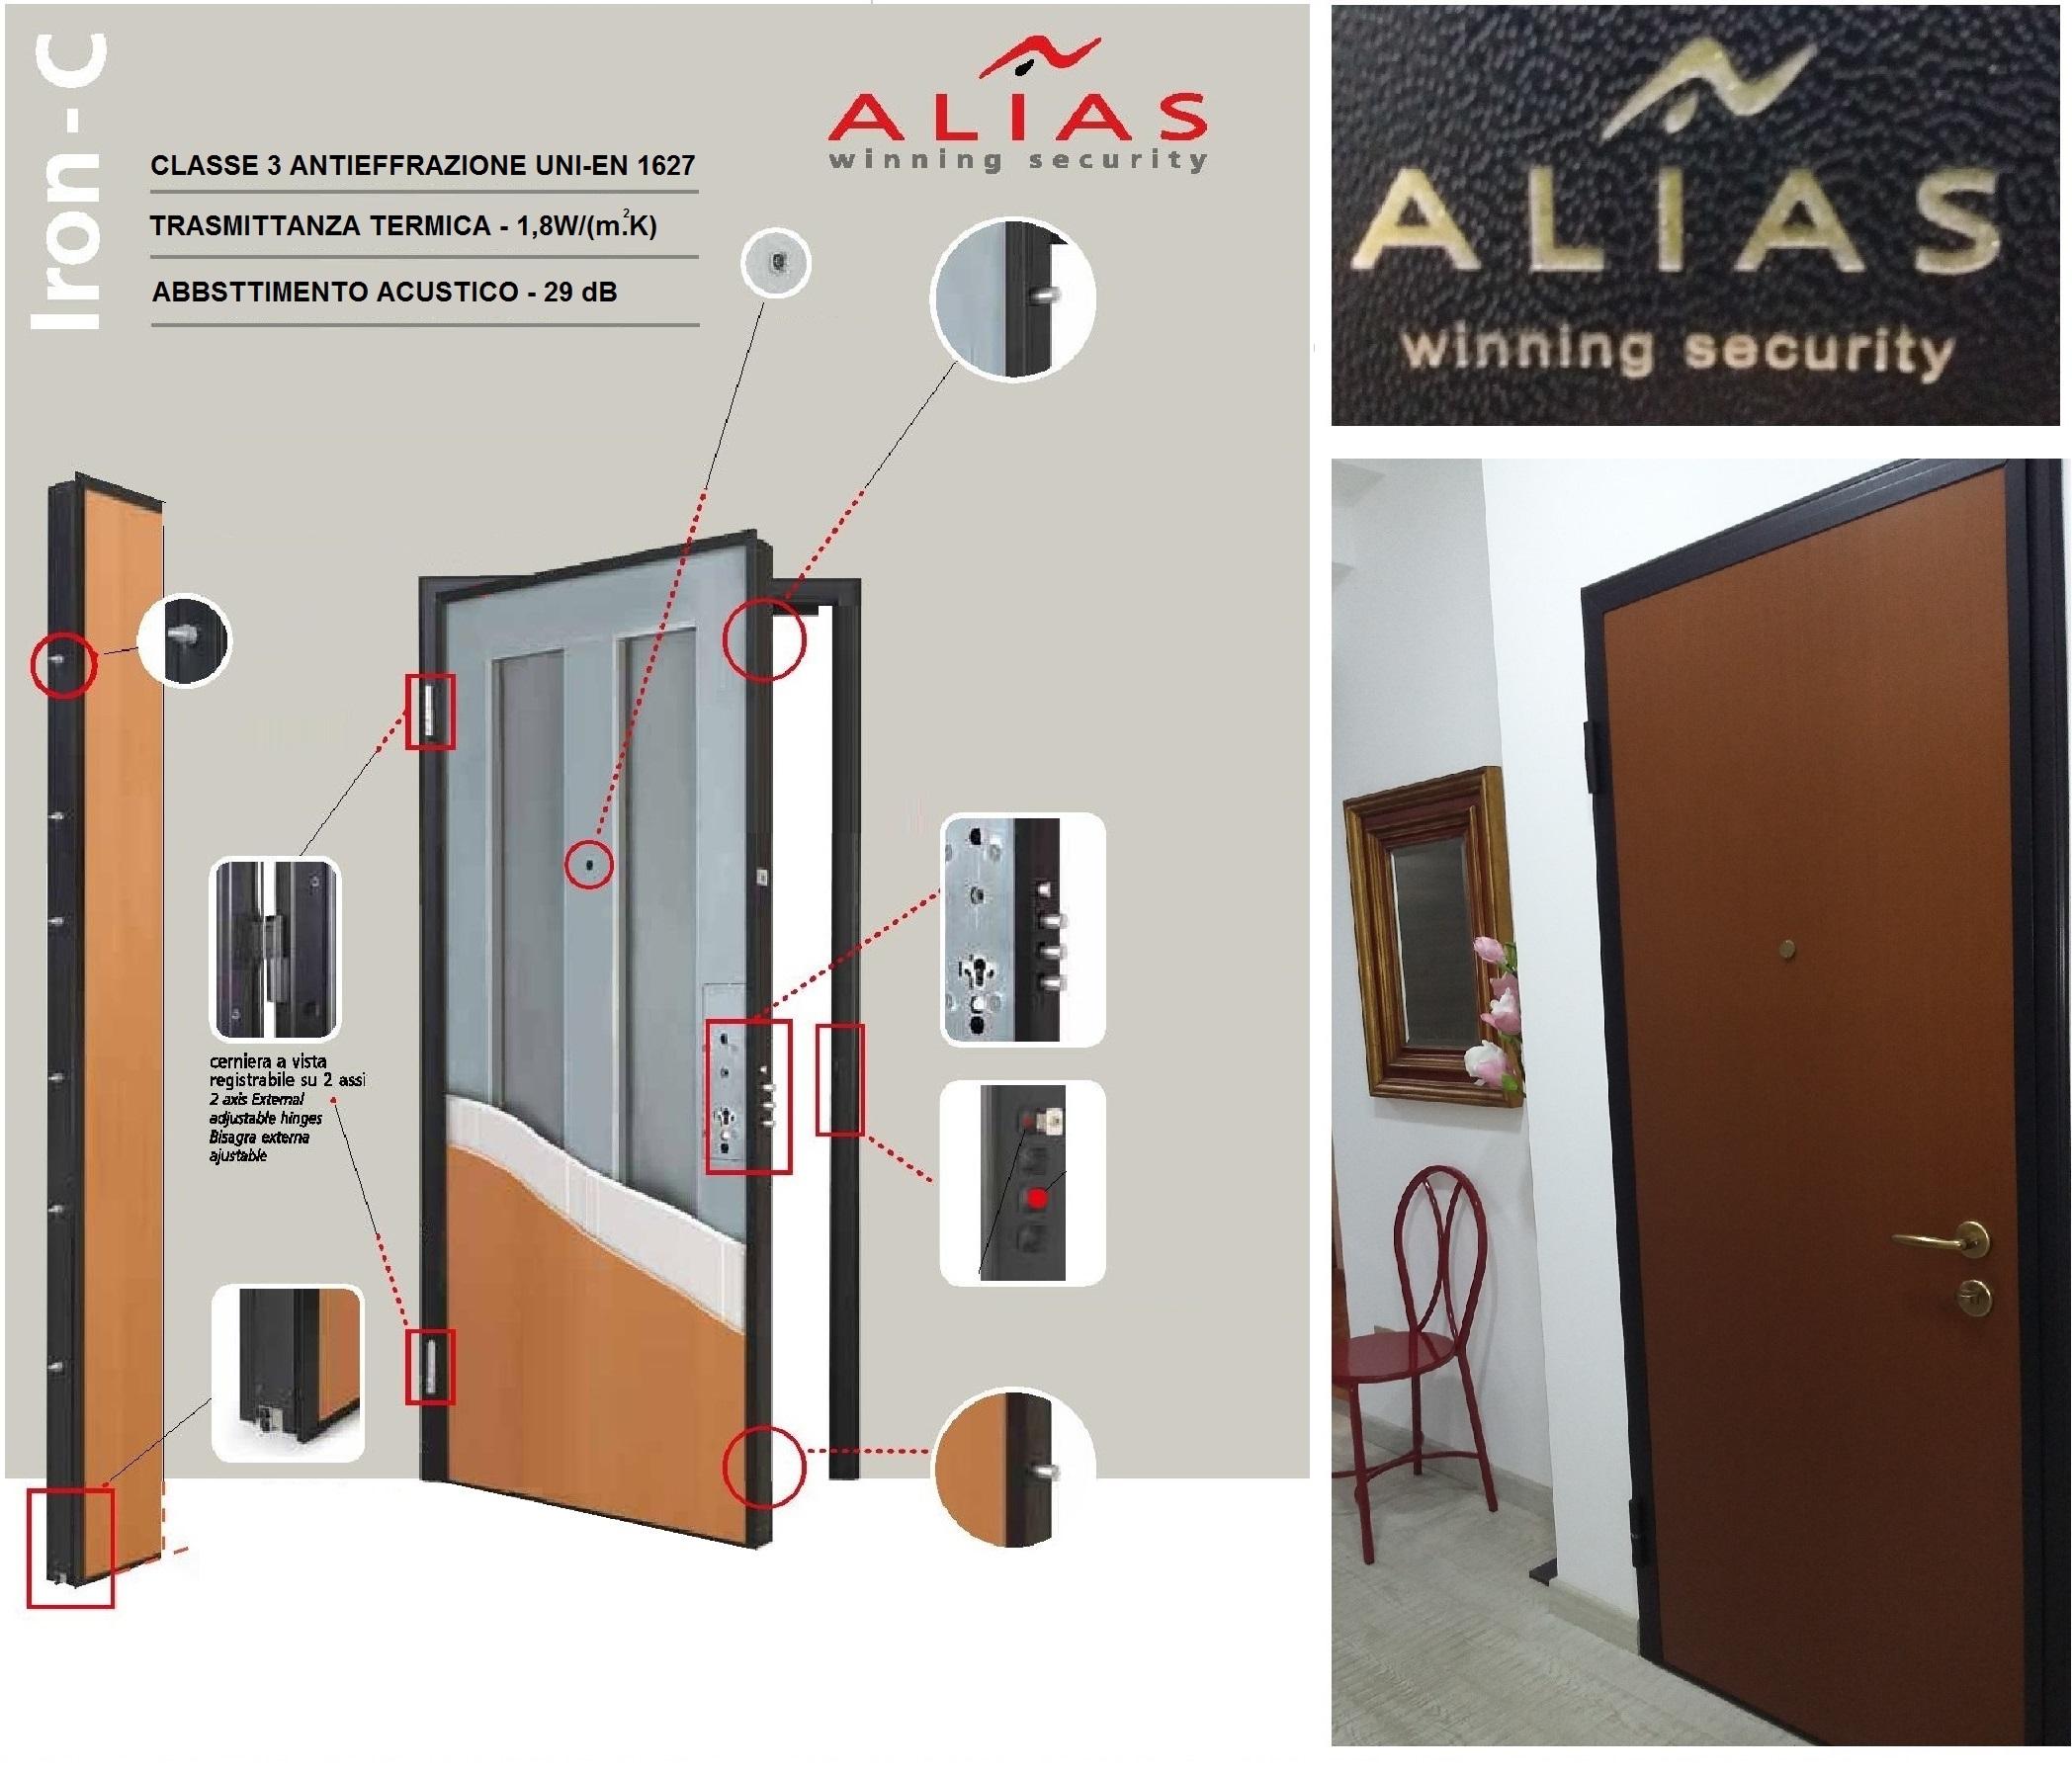 Porta blindata alias mod iron c classe rc3 antieffrazione for Porte blindate alias modello steel